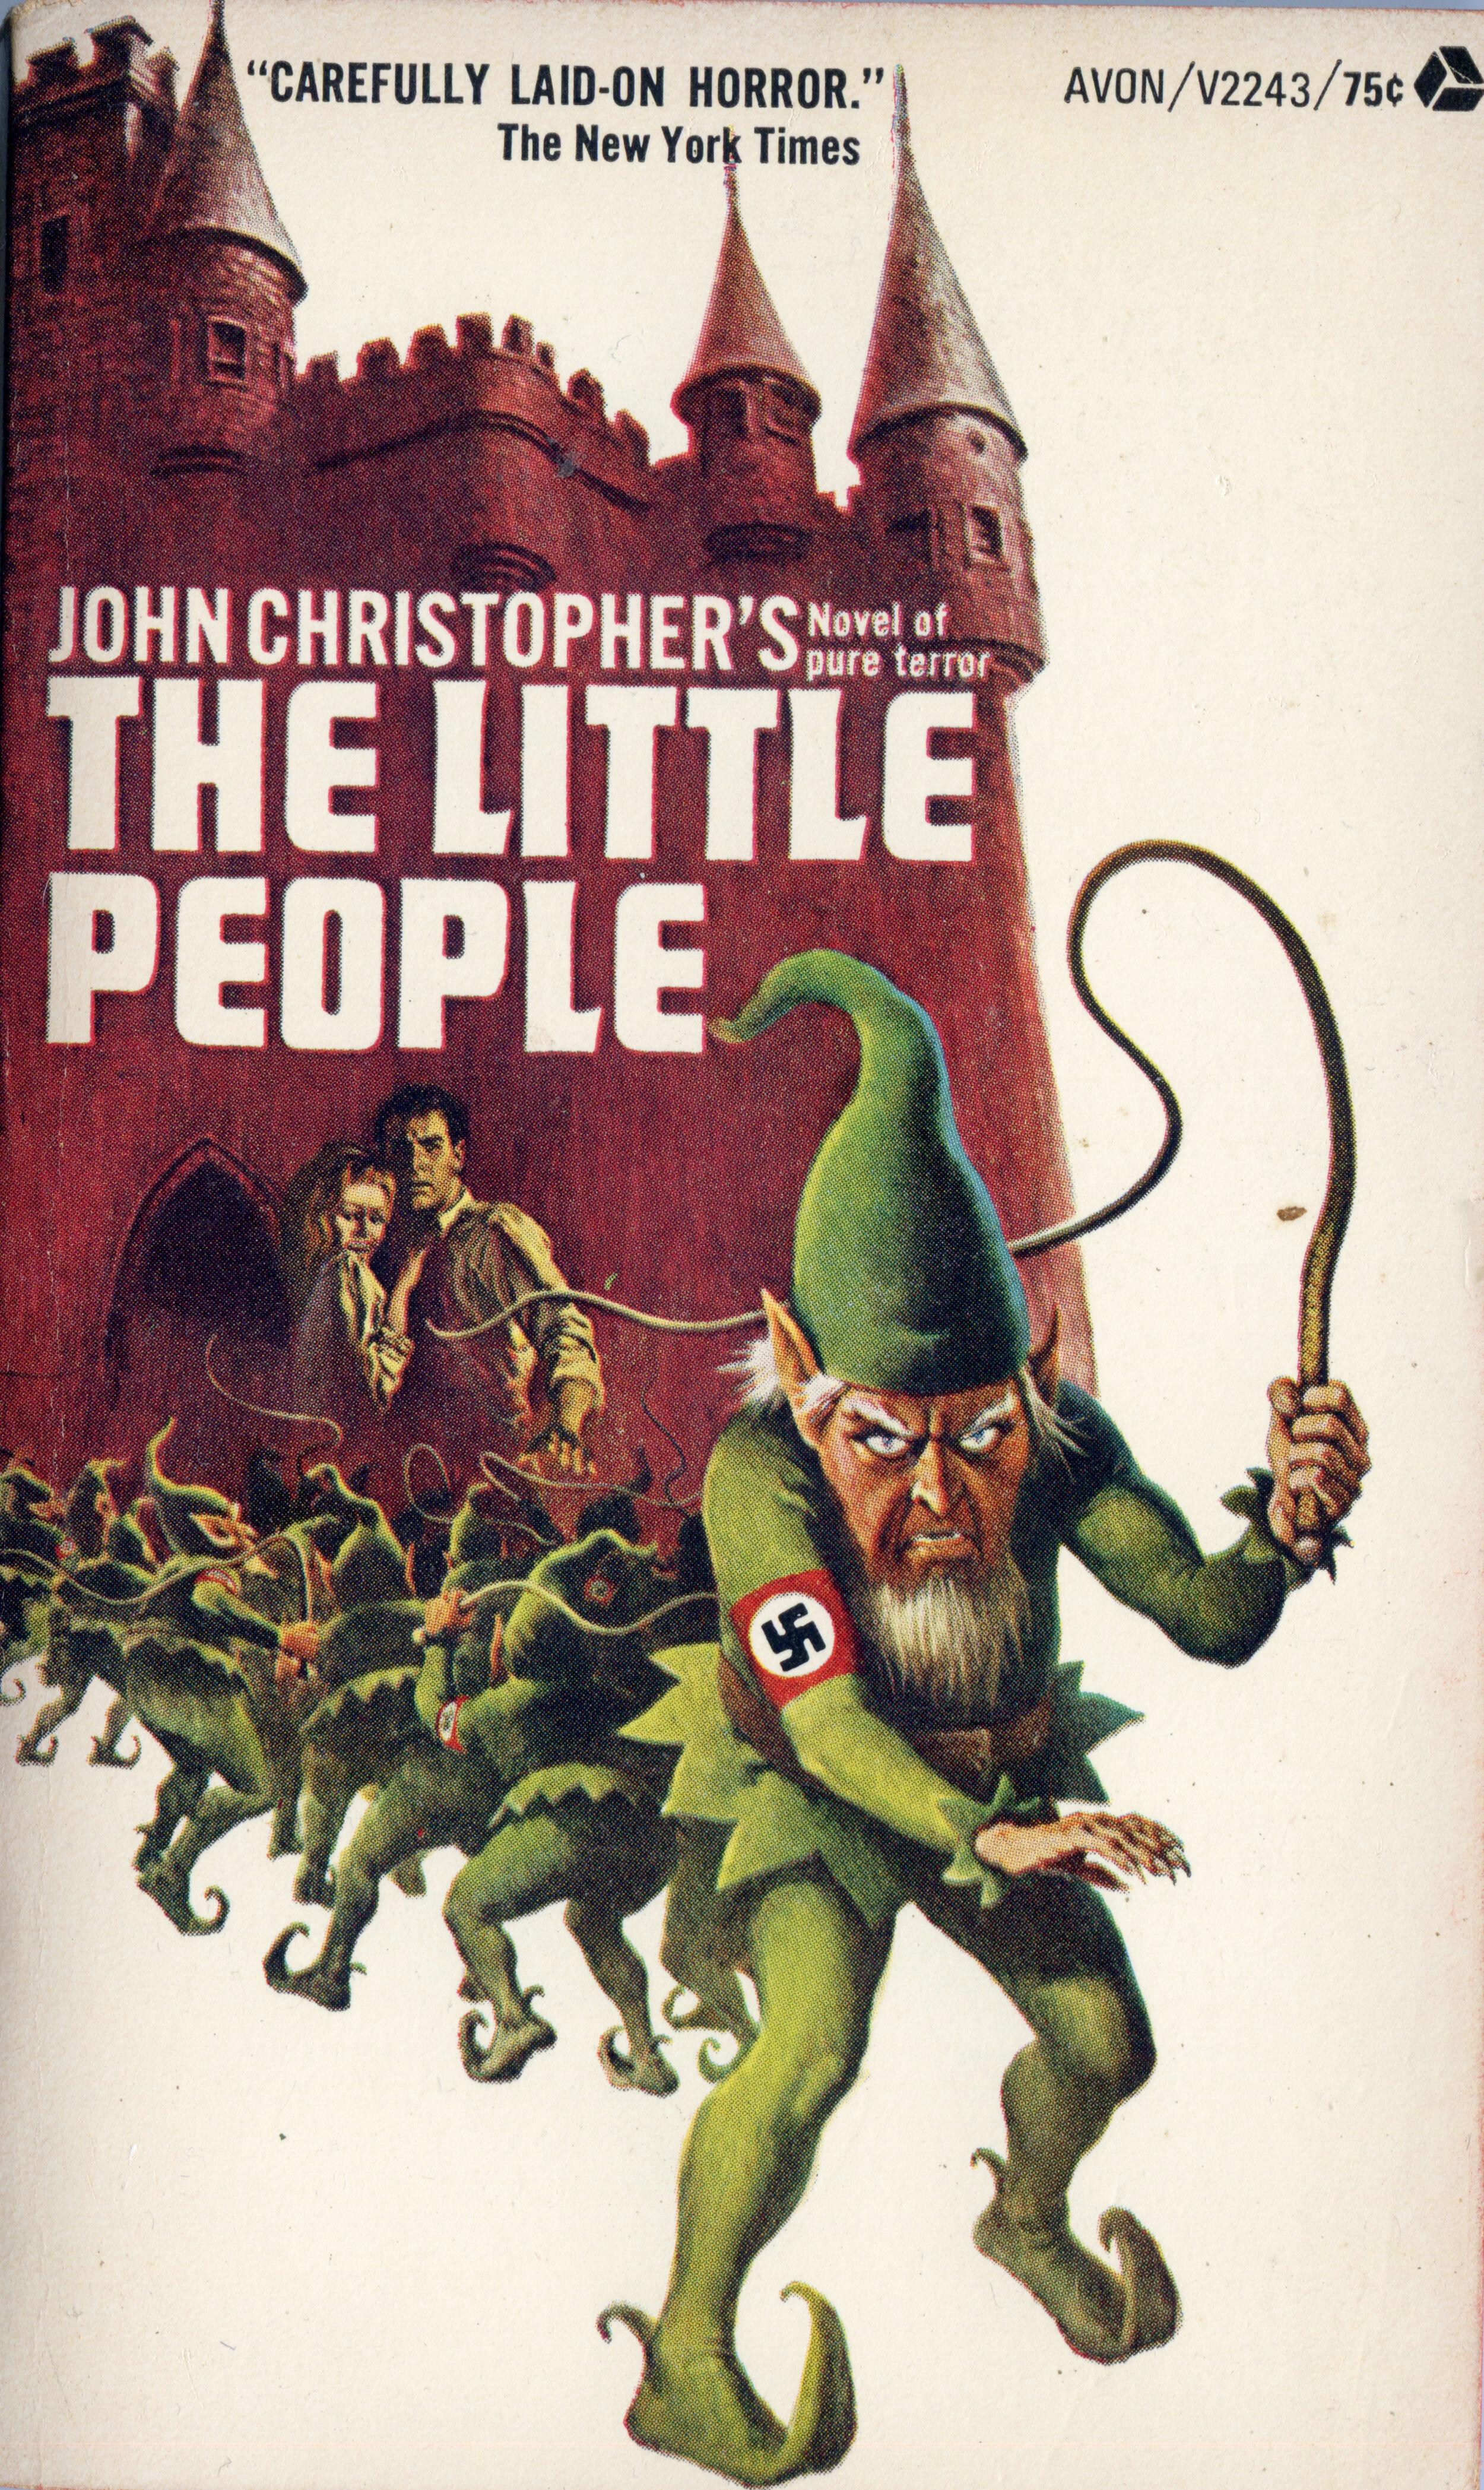 The-Little-People-John-Christopher-1966.jpg